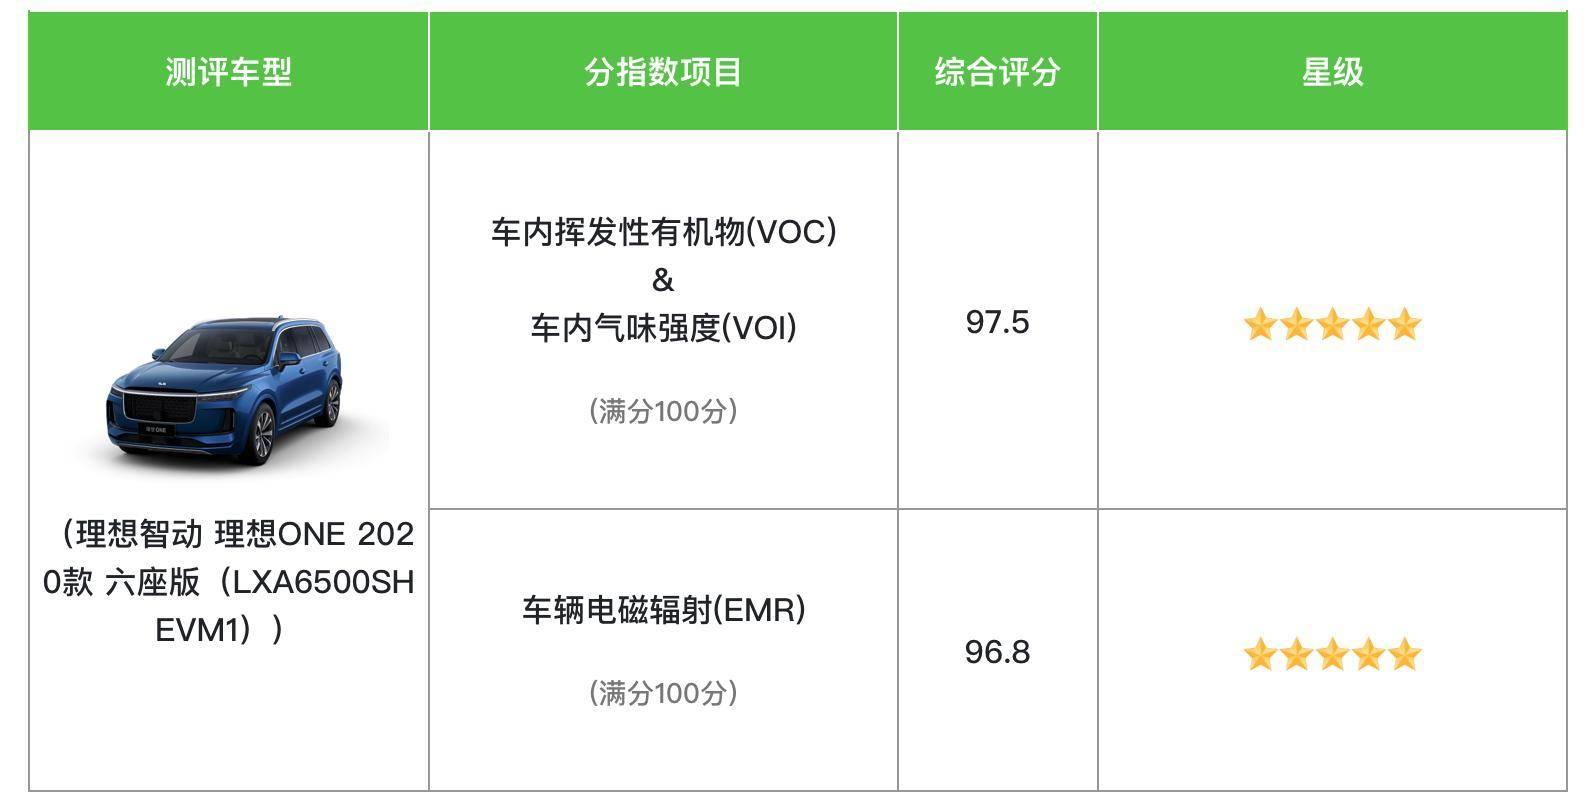 中国汽车健康指数公布:理想ONE获得双五星评价